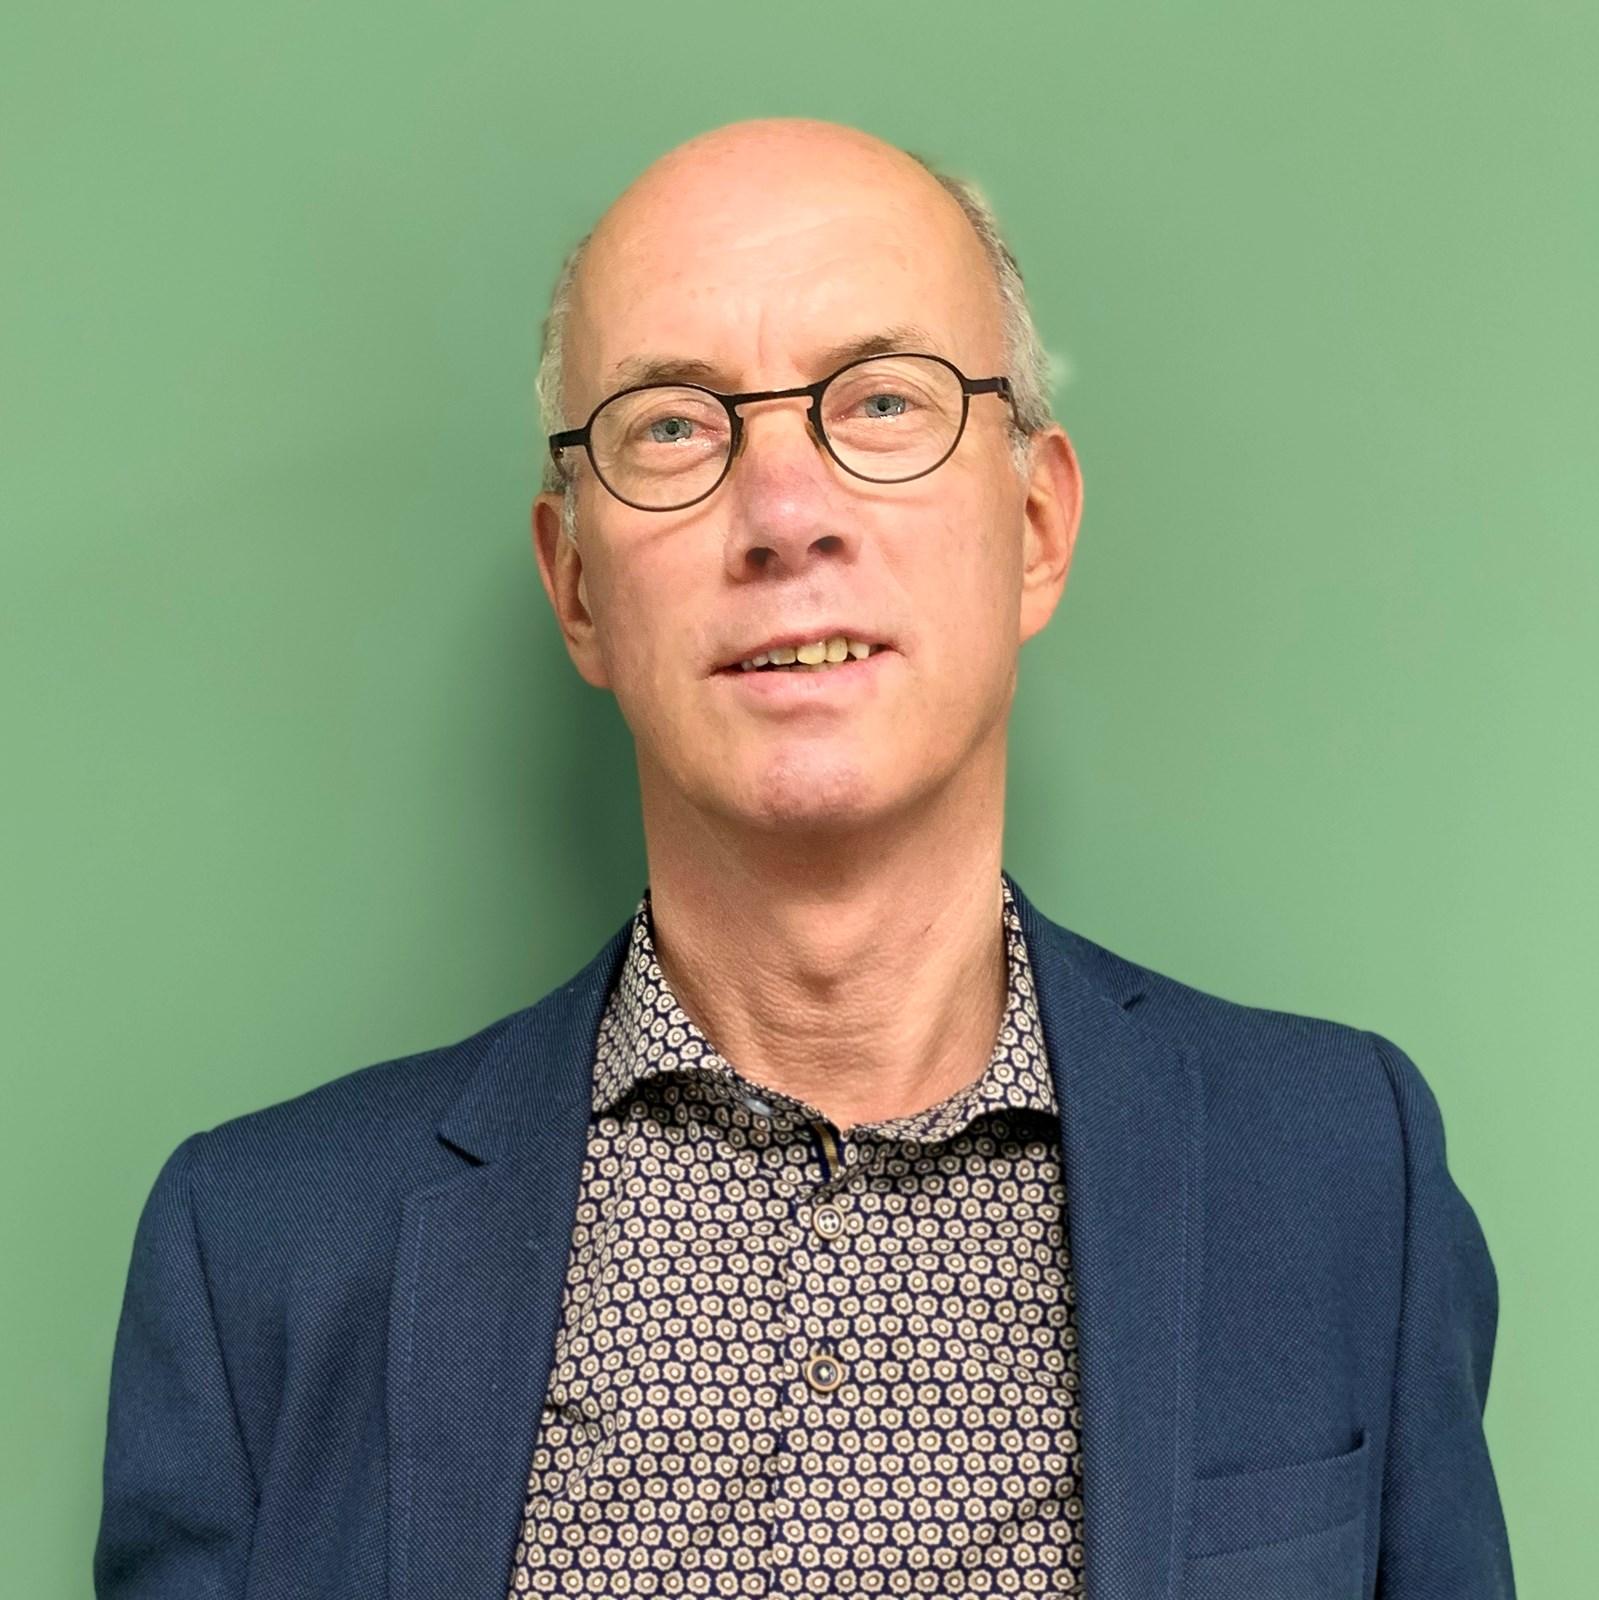 Foto van Gerard van Dijsseldonk